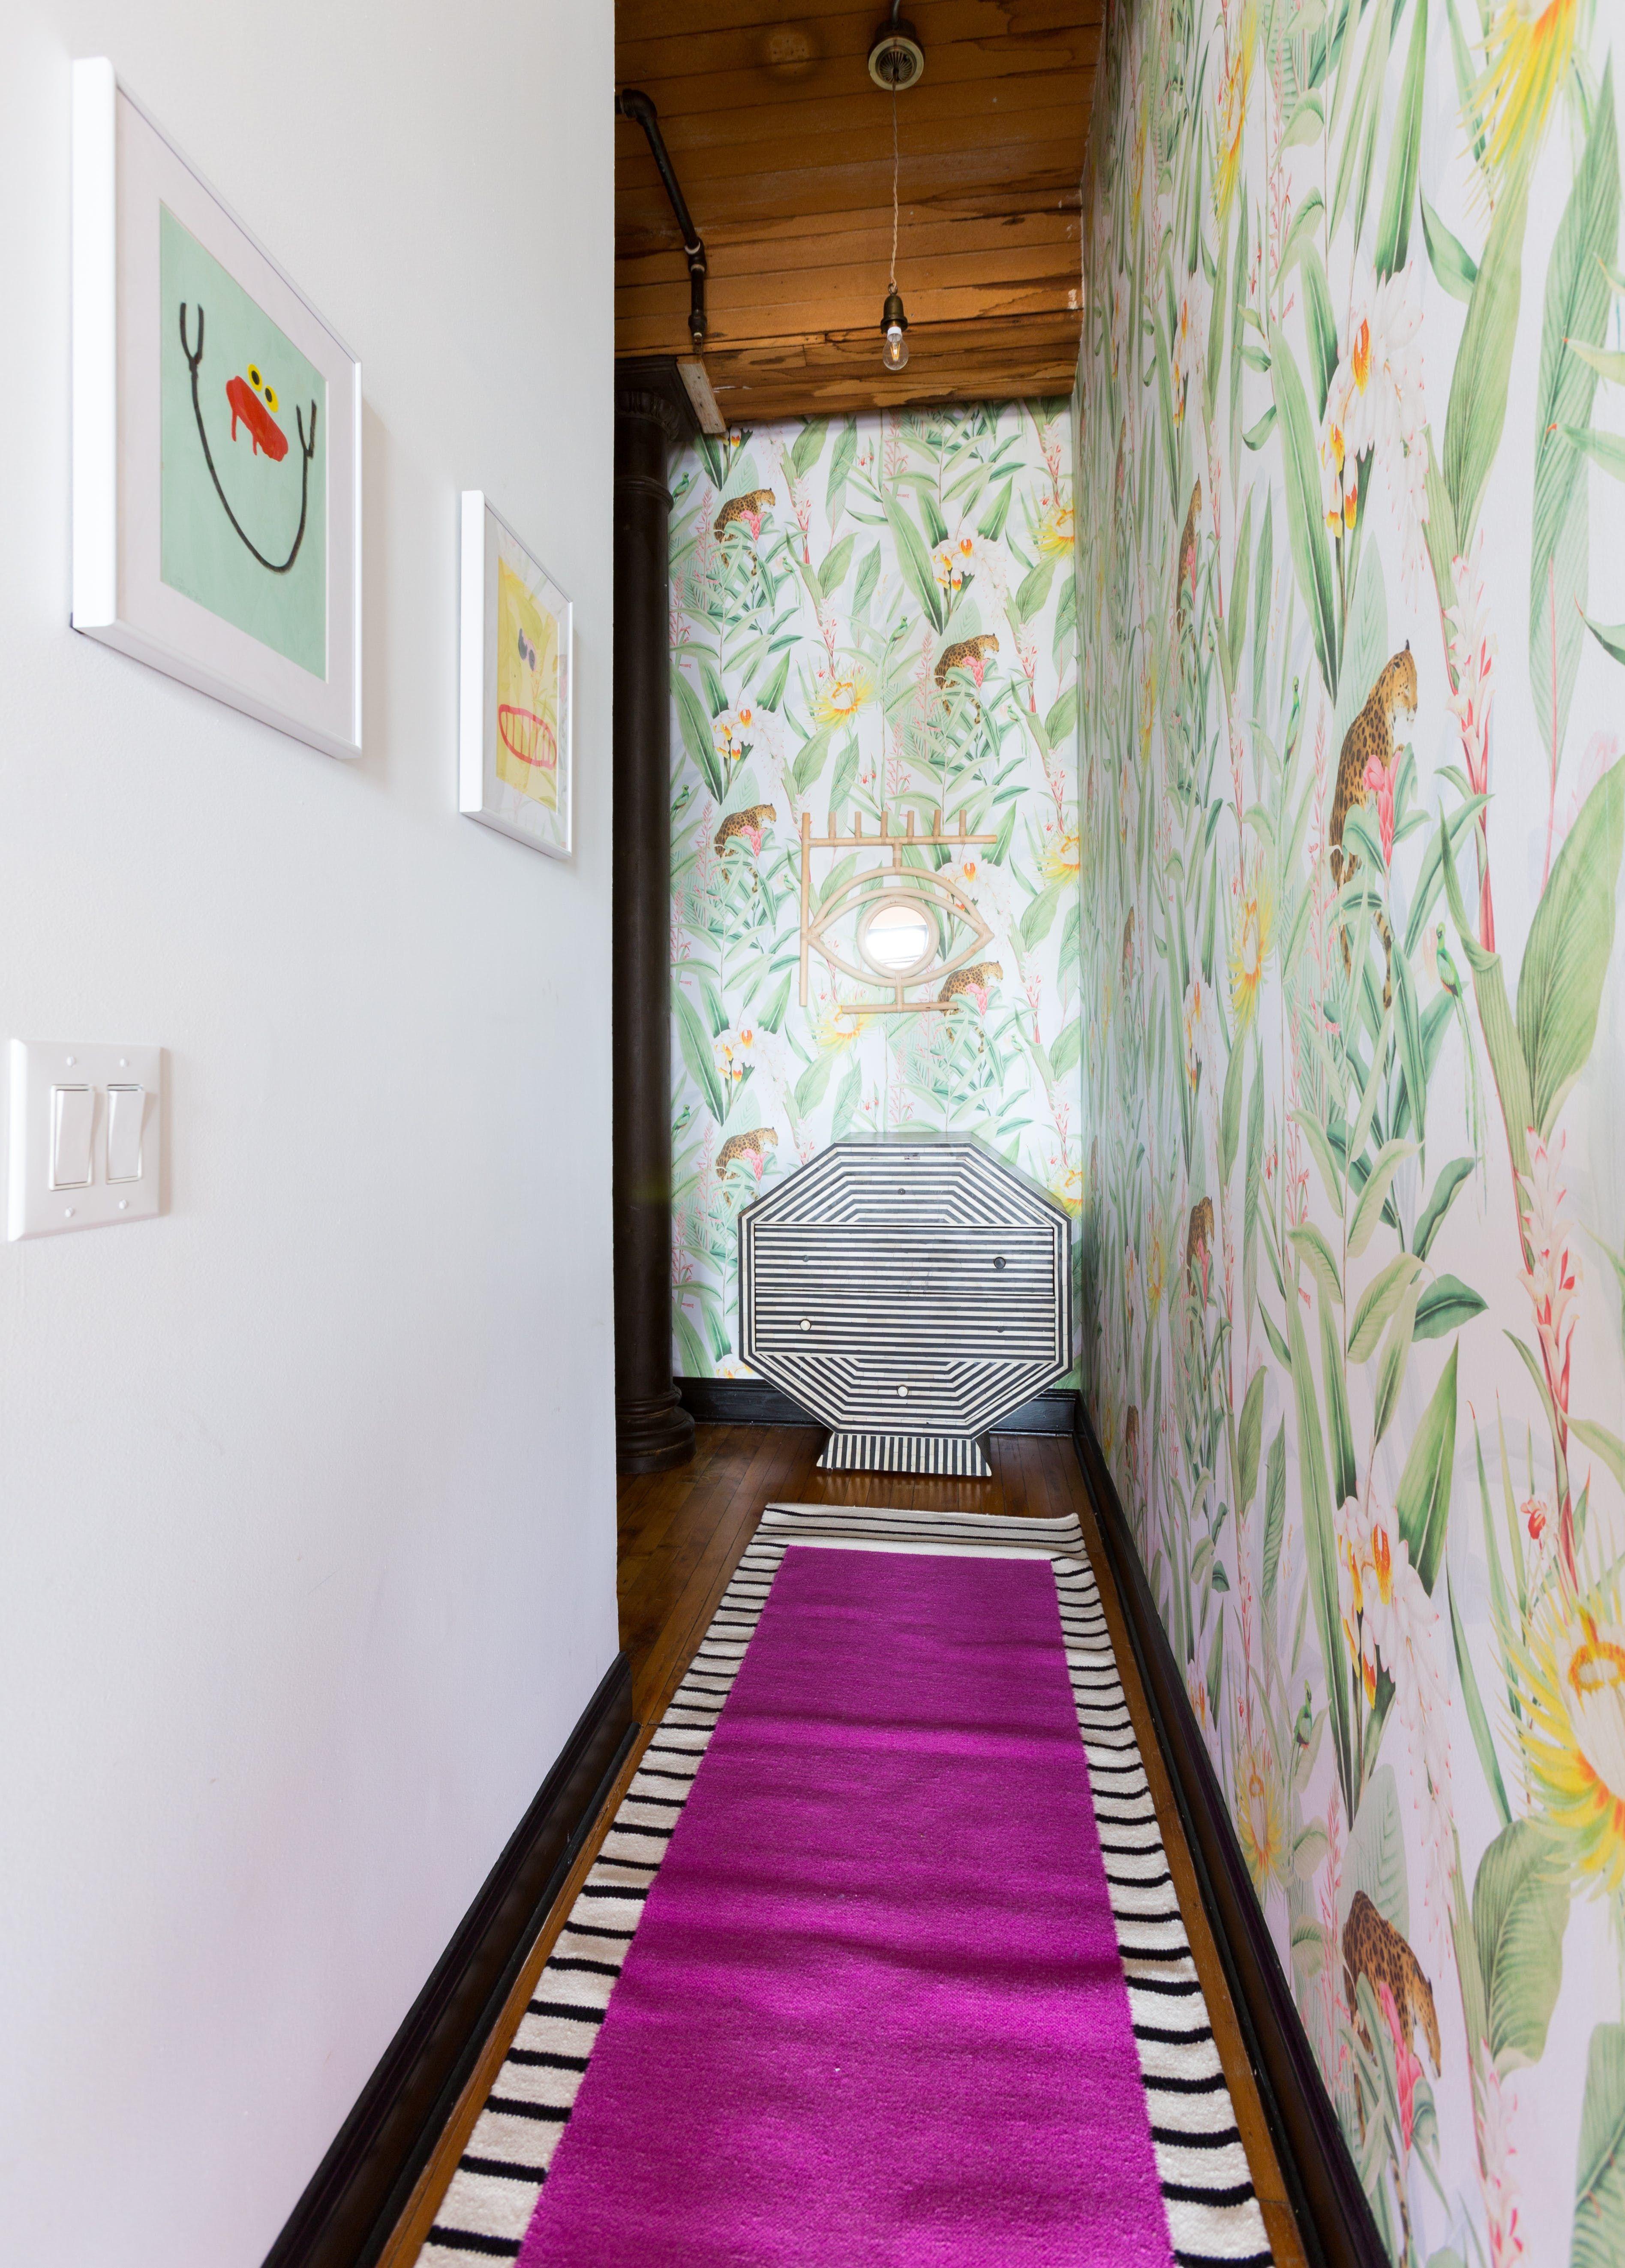 Loft bedroom no door  Aelfie Founderus Brooklyn Loft Is Audacious and Badass  Home Design